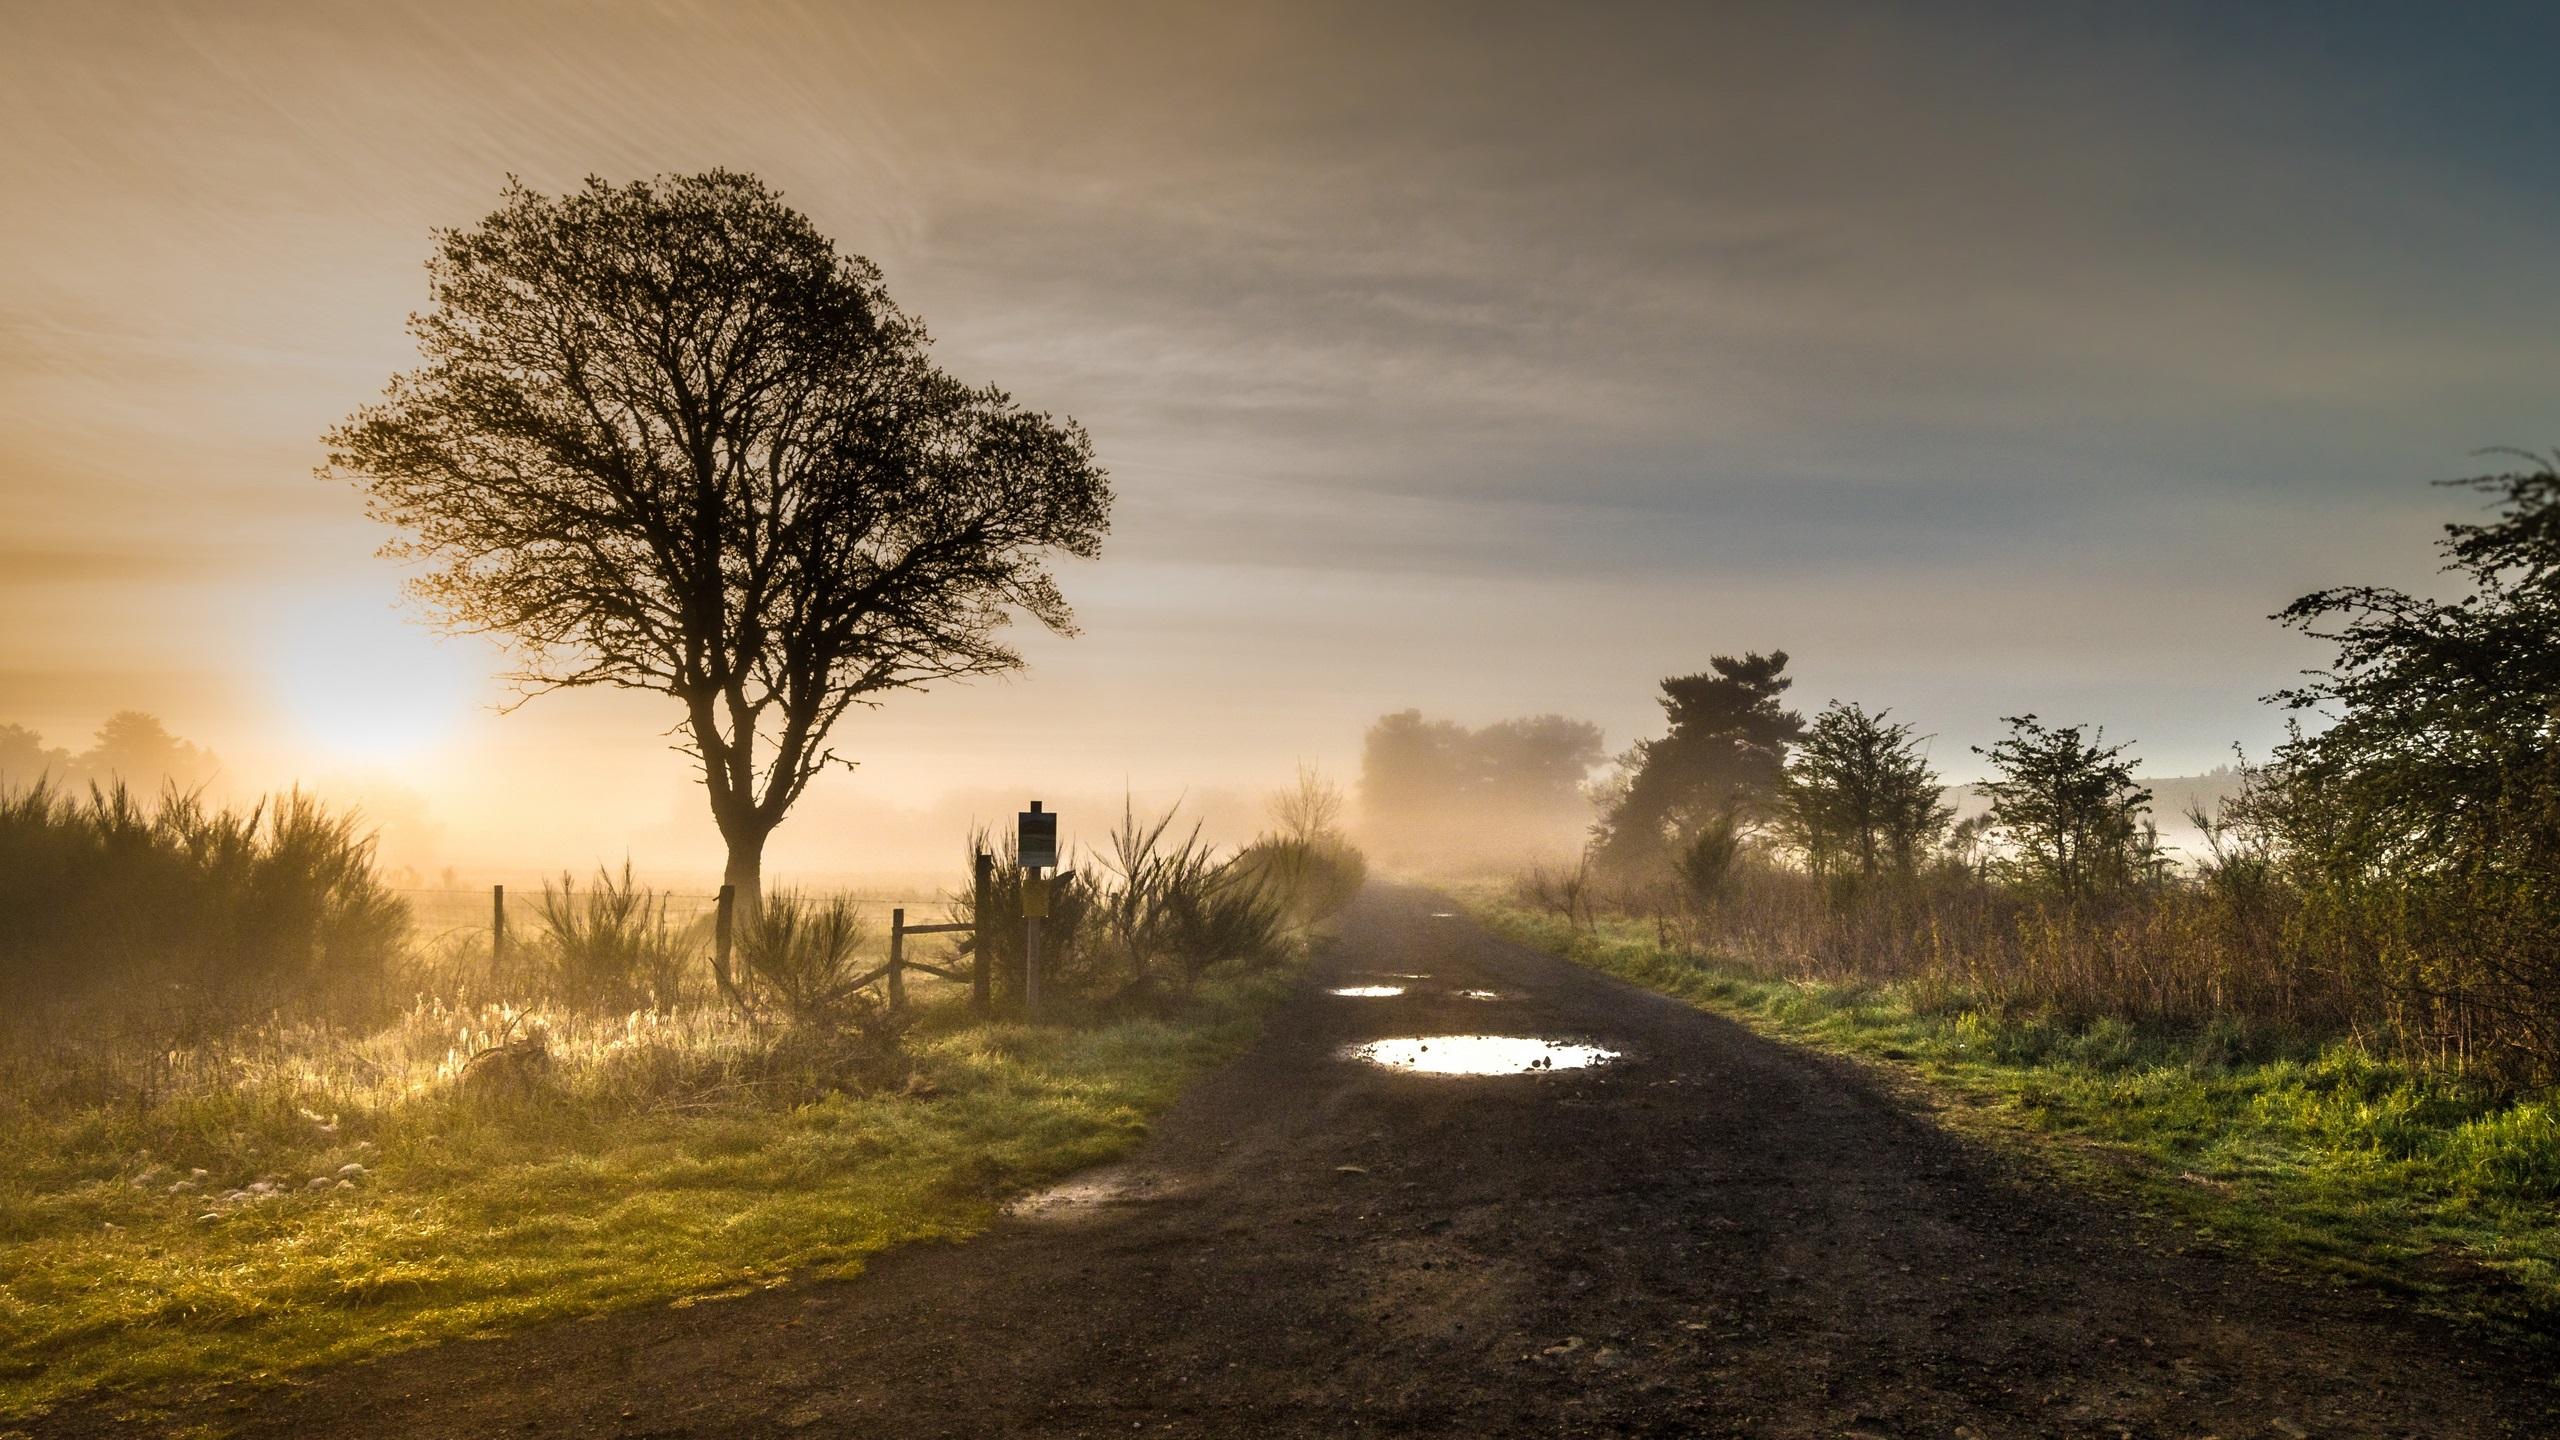 Рассвет туман дорога деревья скачать